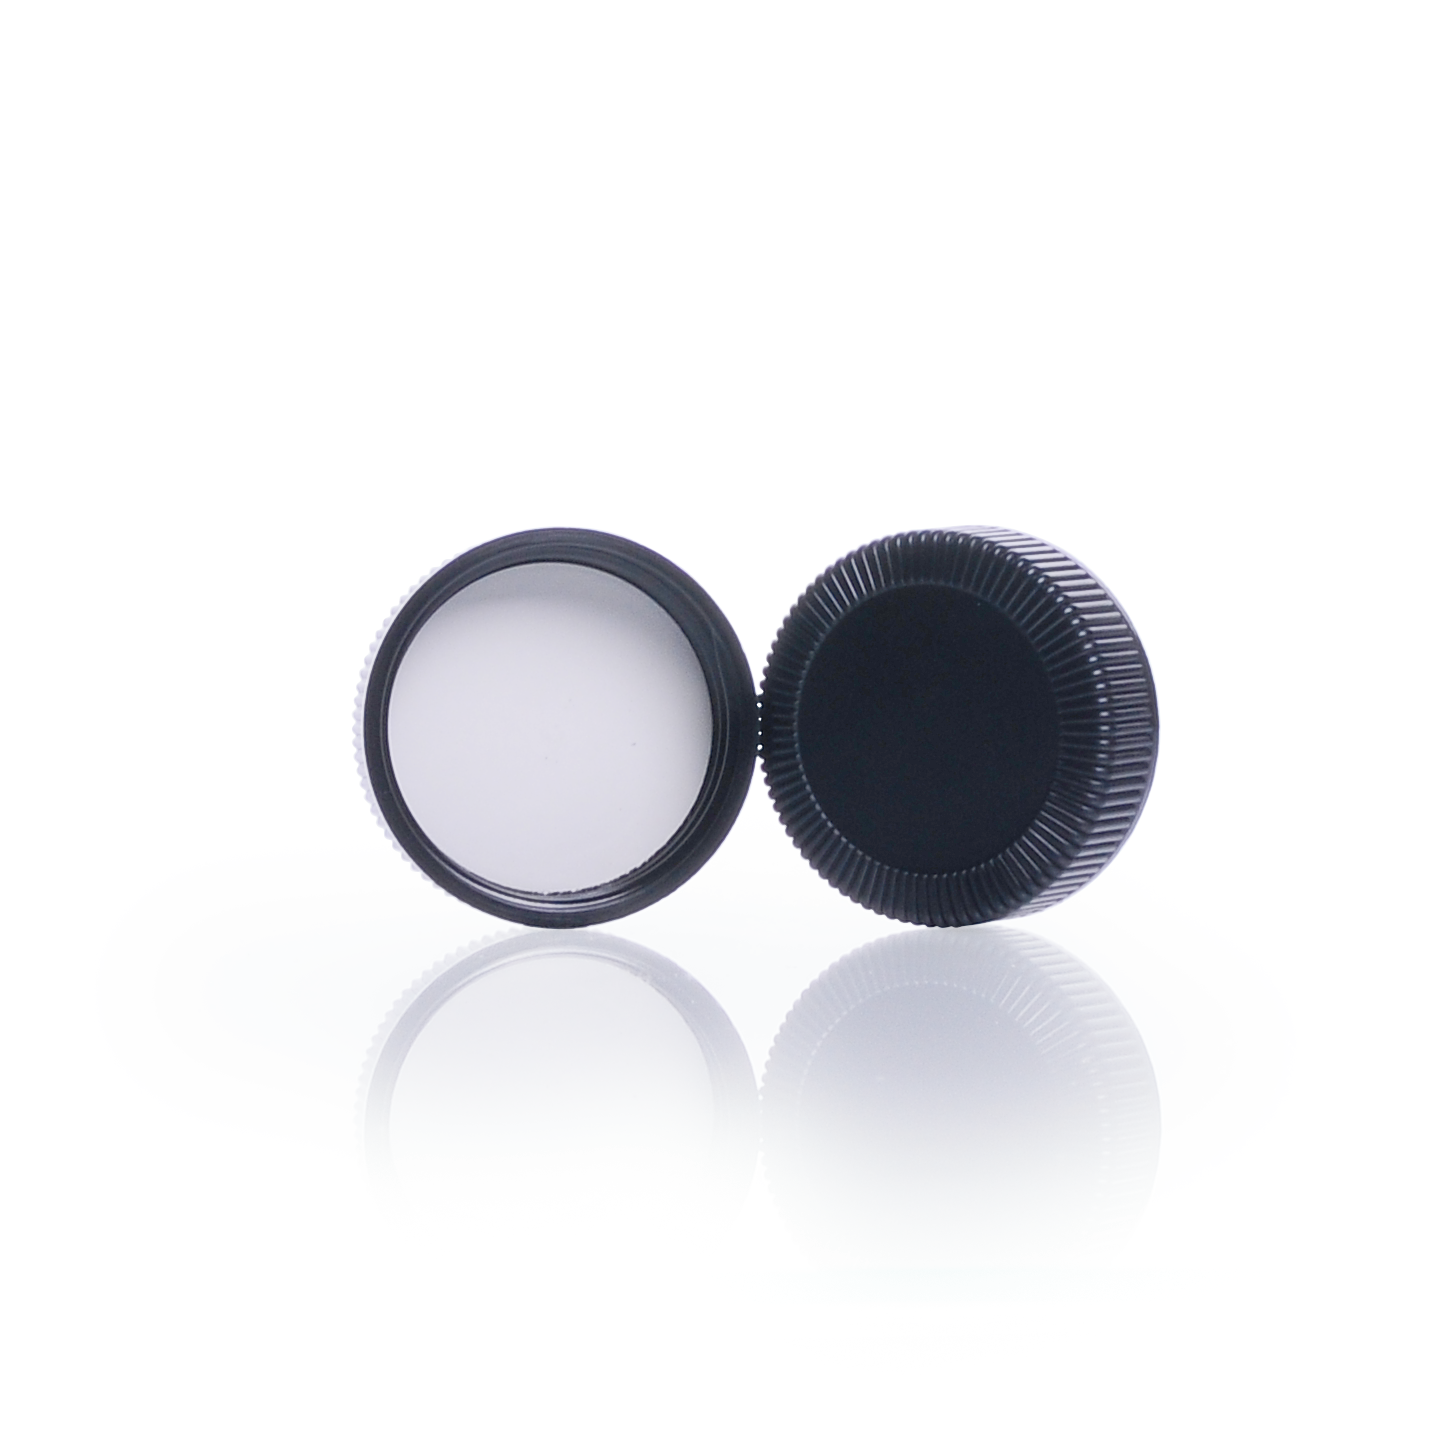 KIMBLE® Black Phenolic Screw Thread Caps, 48-400